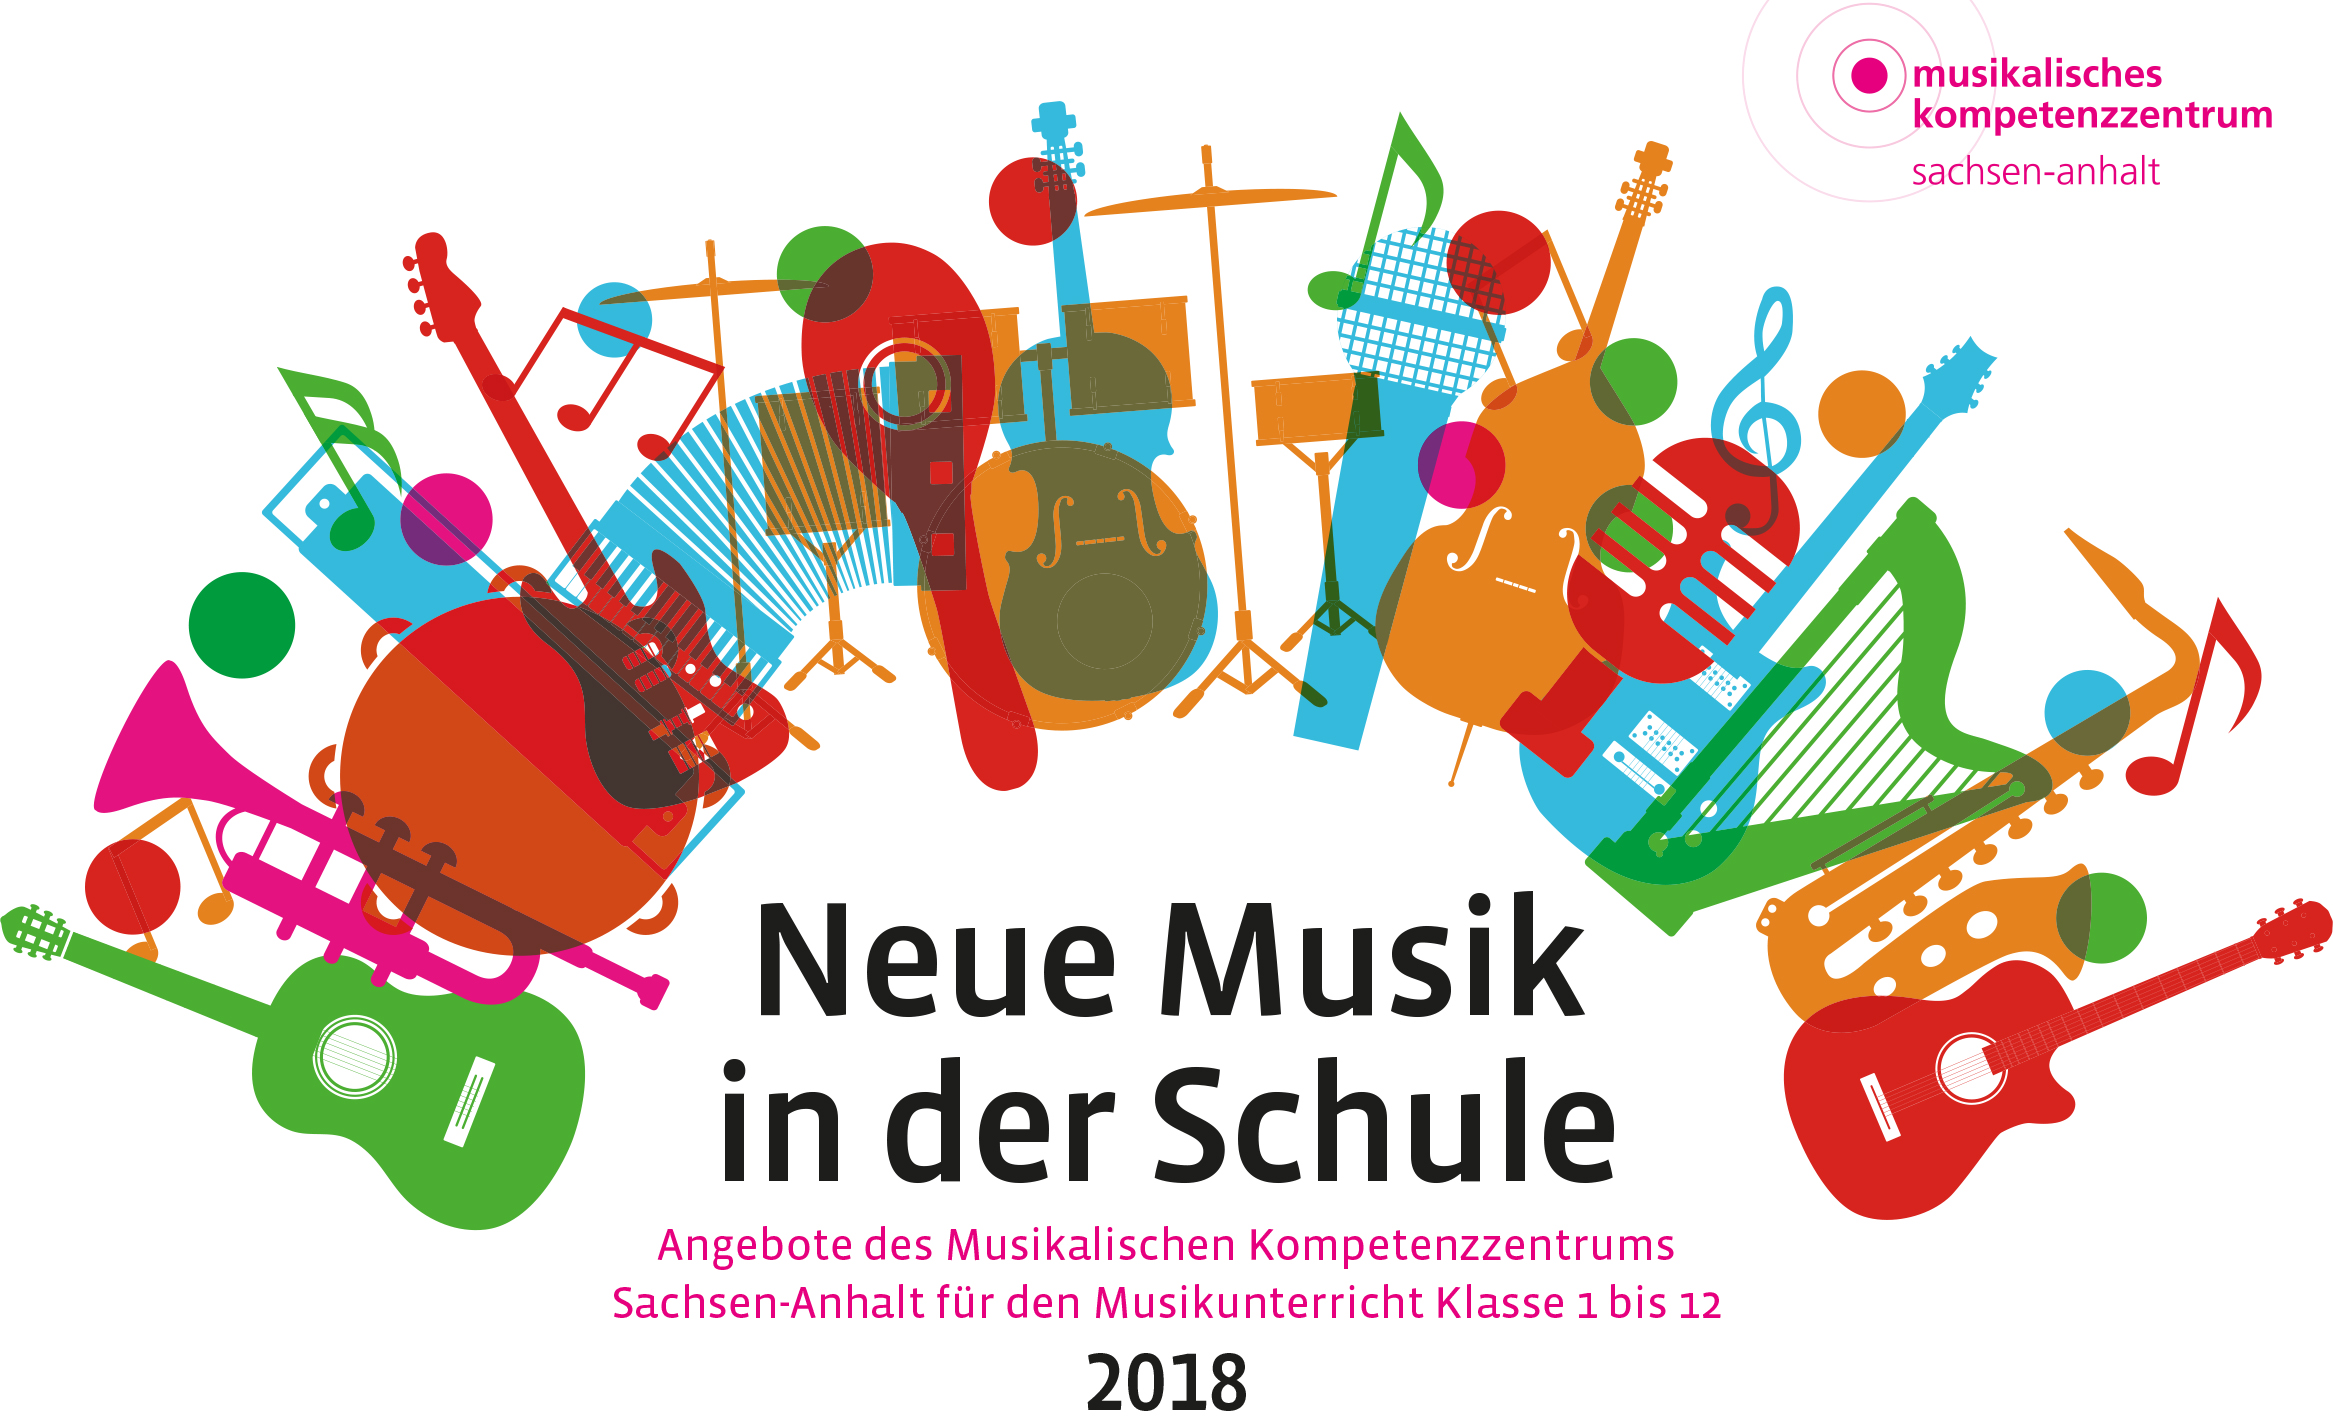 Neue Musik in der Schule 2018 | Musikalisches Kompetenzzentrum ...